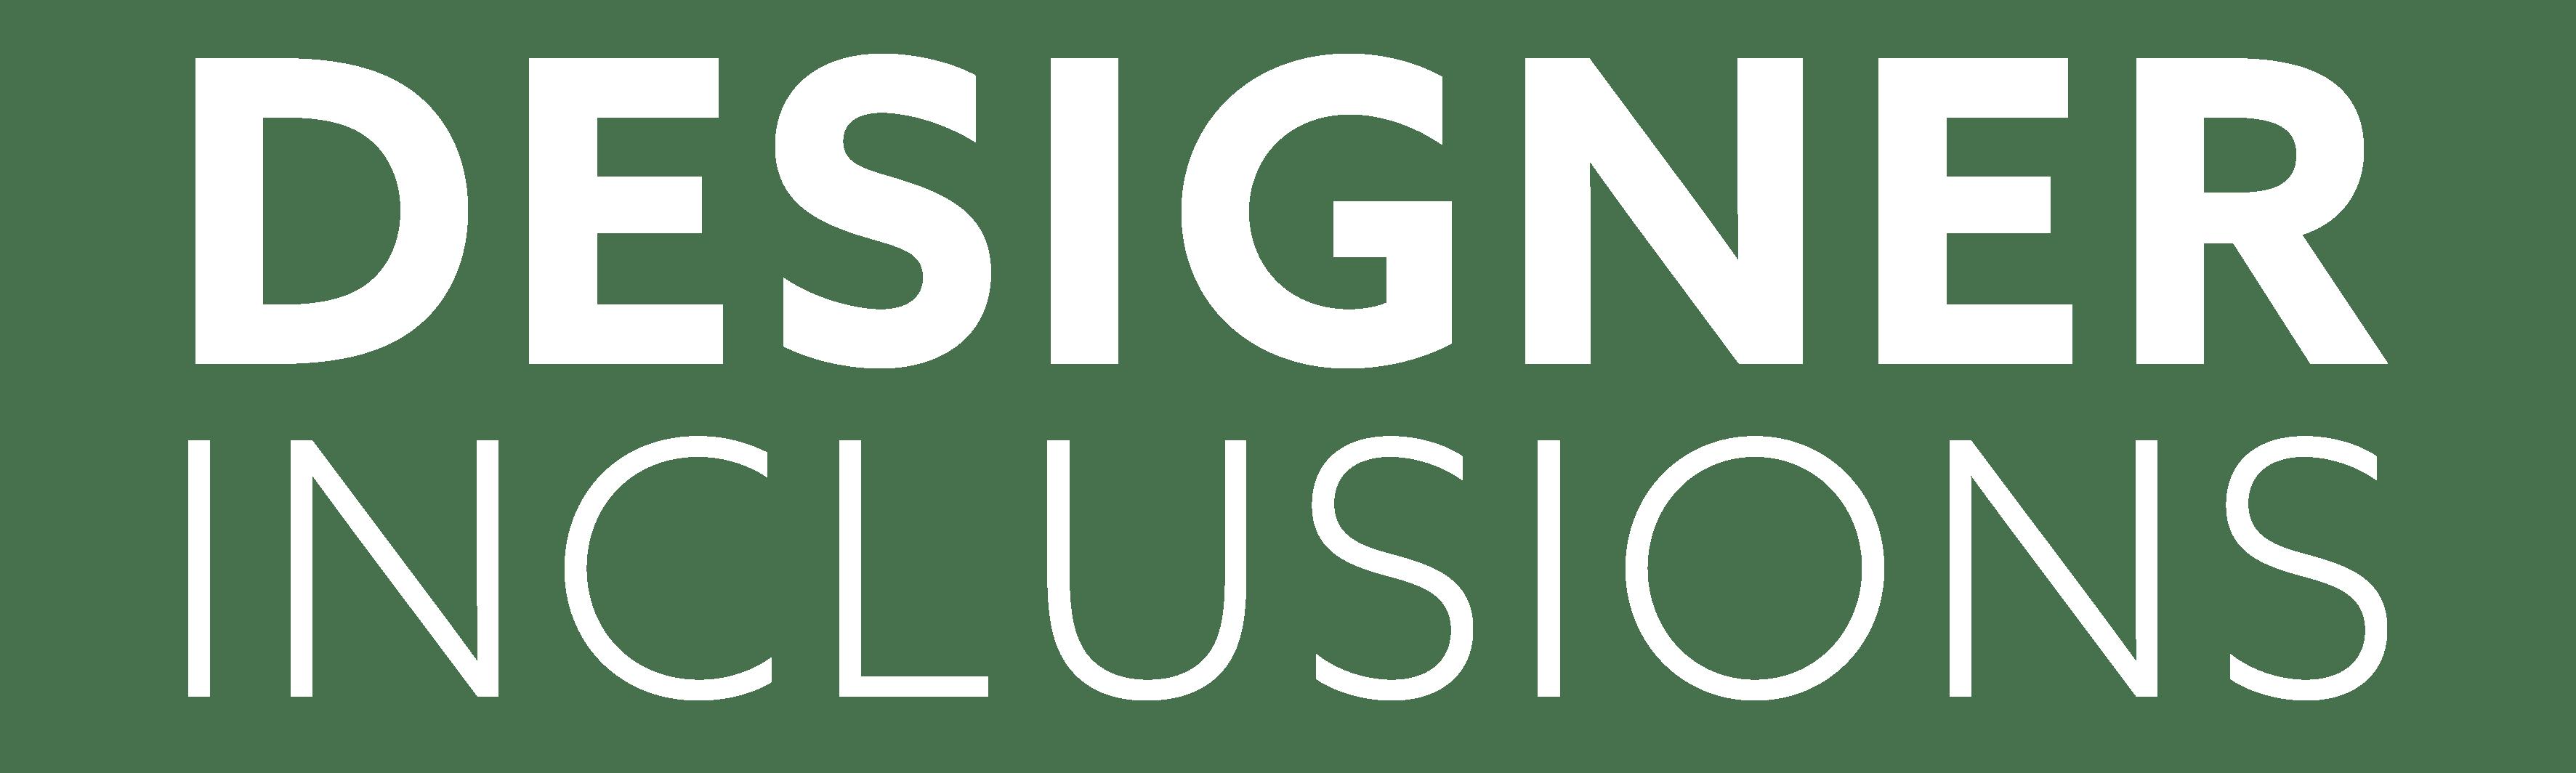 Designer Inclusions